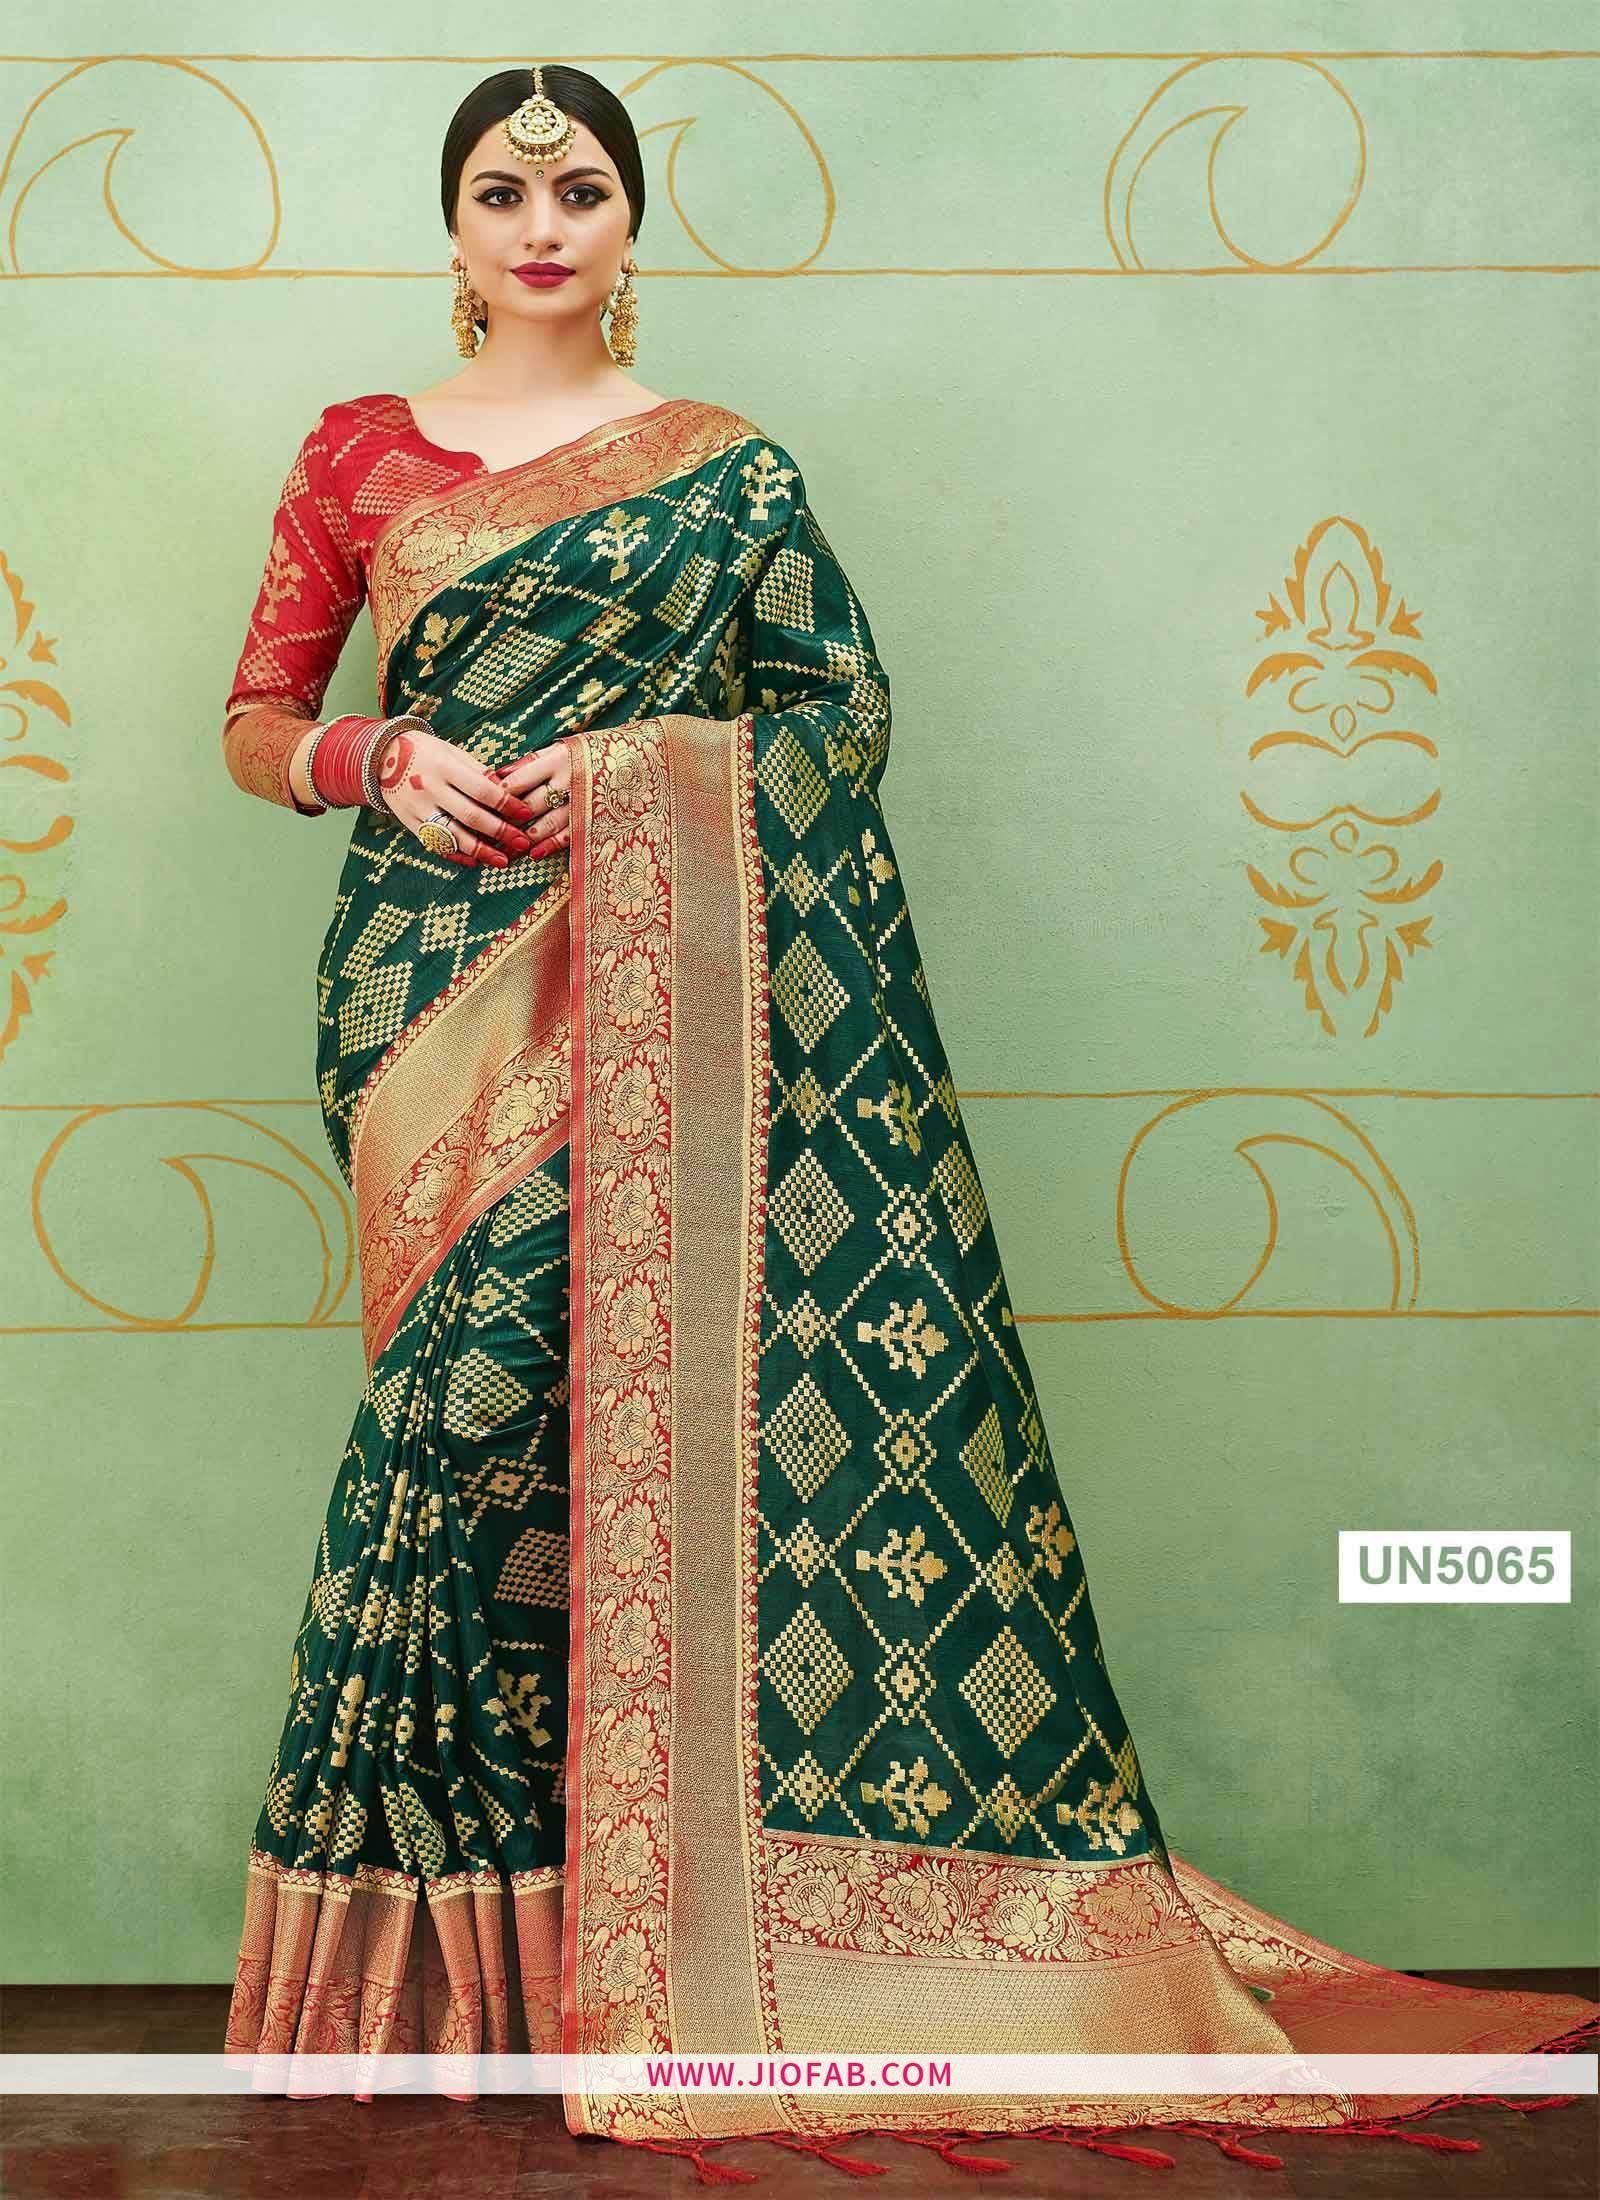 Green wedding banarasi silk saree with heavy pallu saree